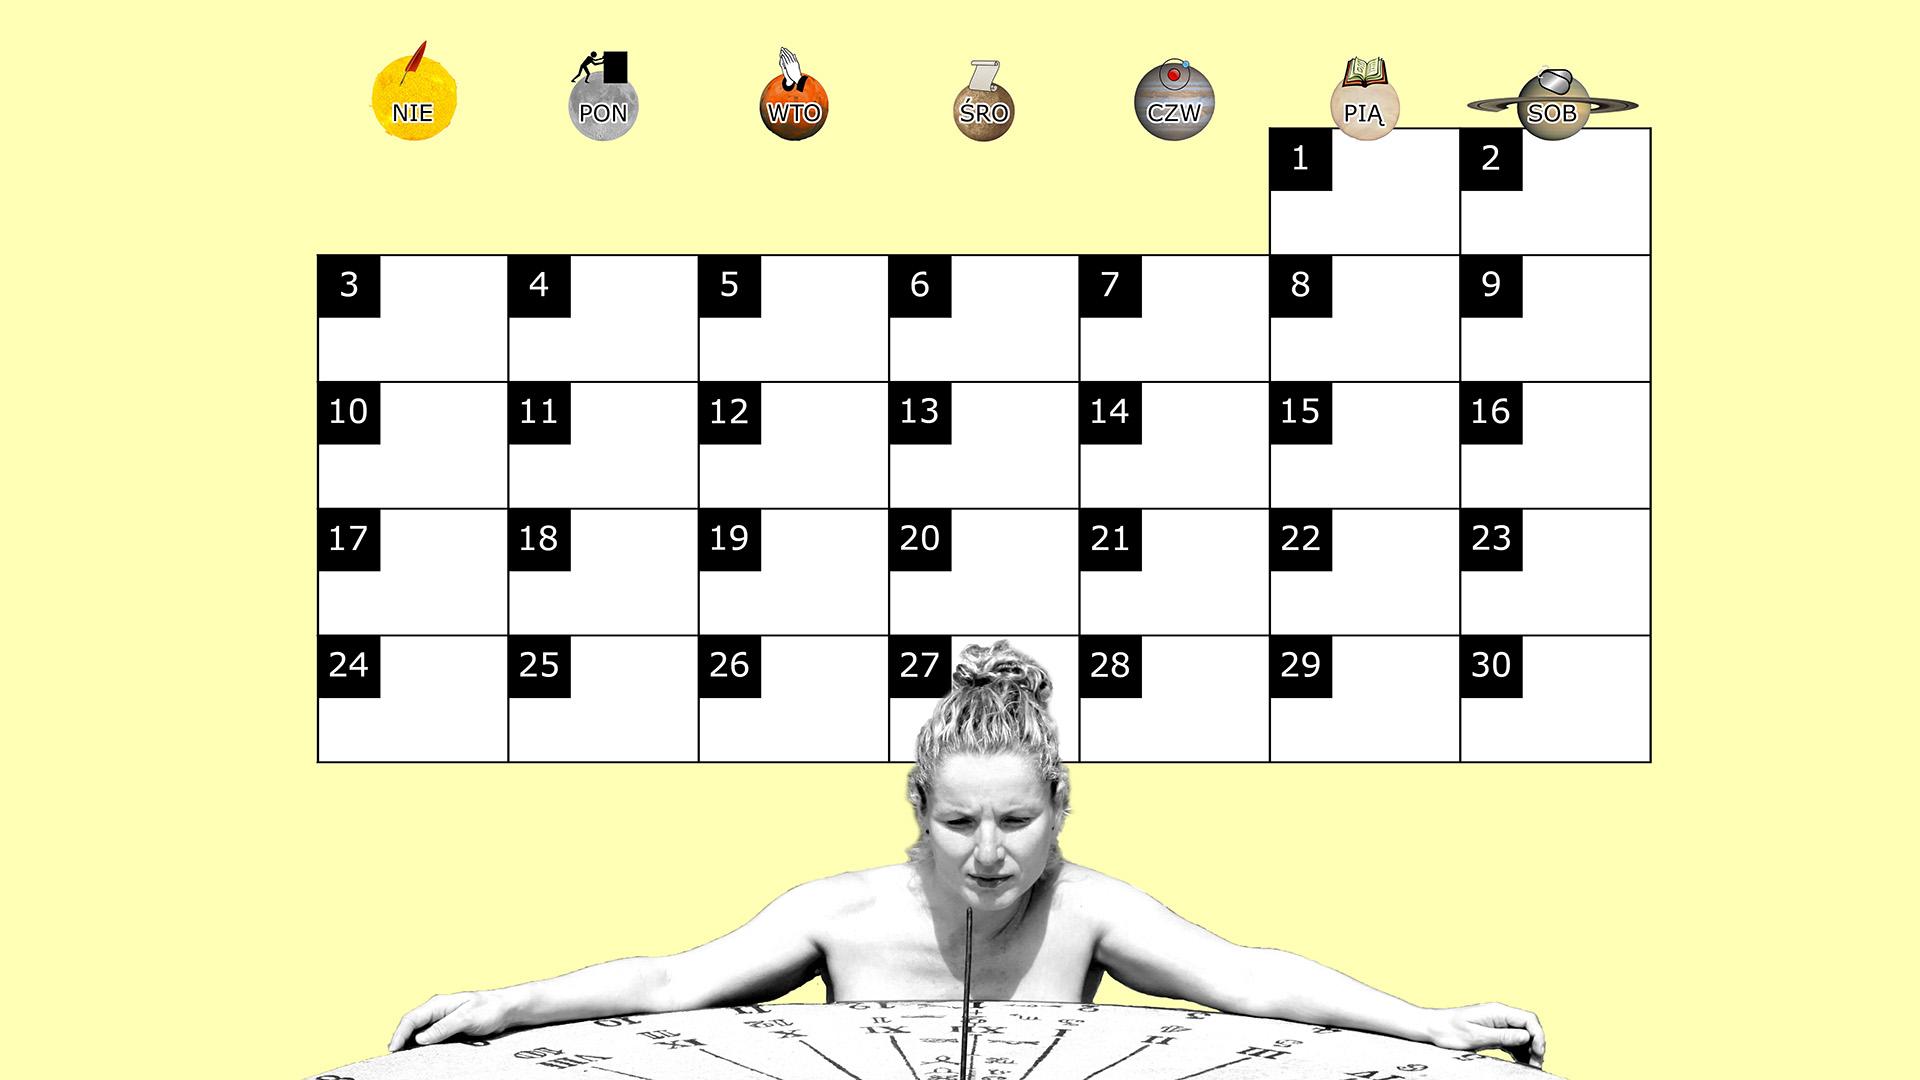 Miesięczny kalendarz na pulpit na listopad 2013 na żółtym tle